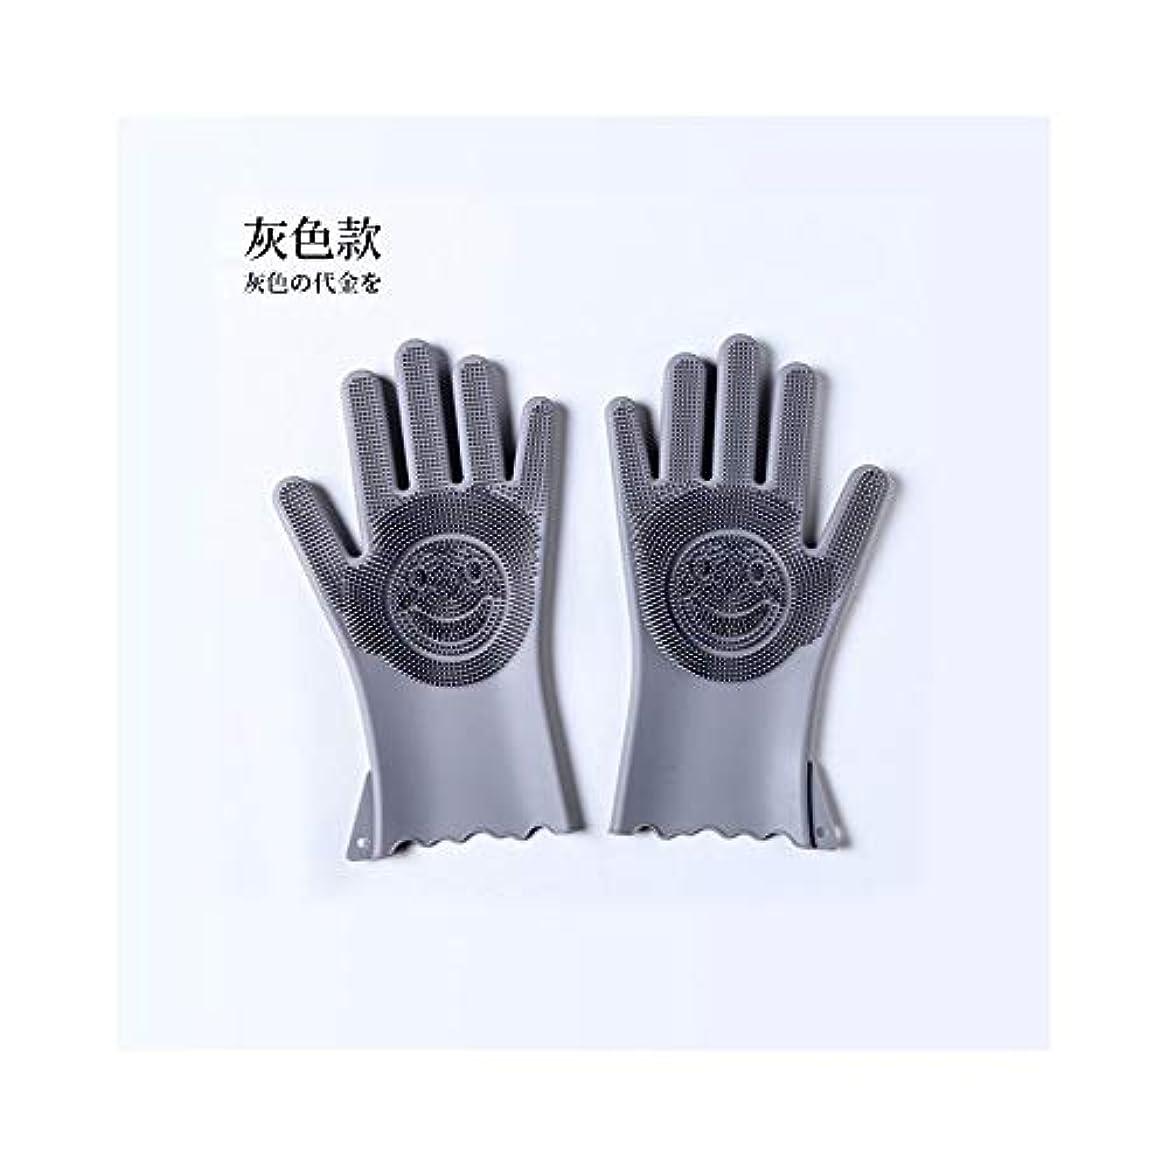 彼は非常に怒っています怠惰ニトリルゴム手袋 作業用手袋防水厚くて丈夫なシリコーン多機能キッチン家庭用手袋 使い捨て手袋 (Color : Gray, Size : M)